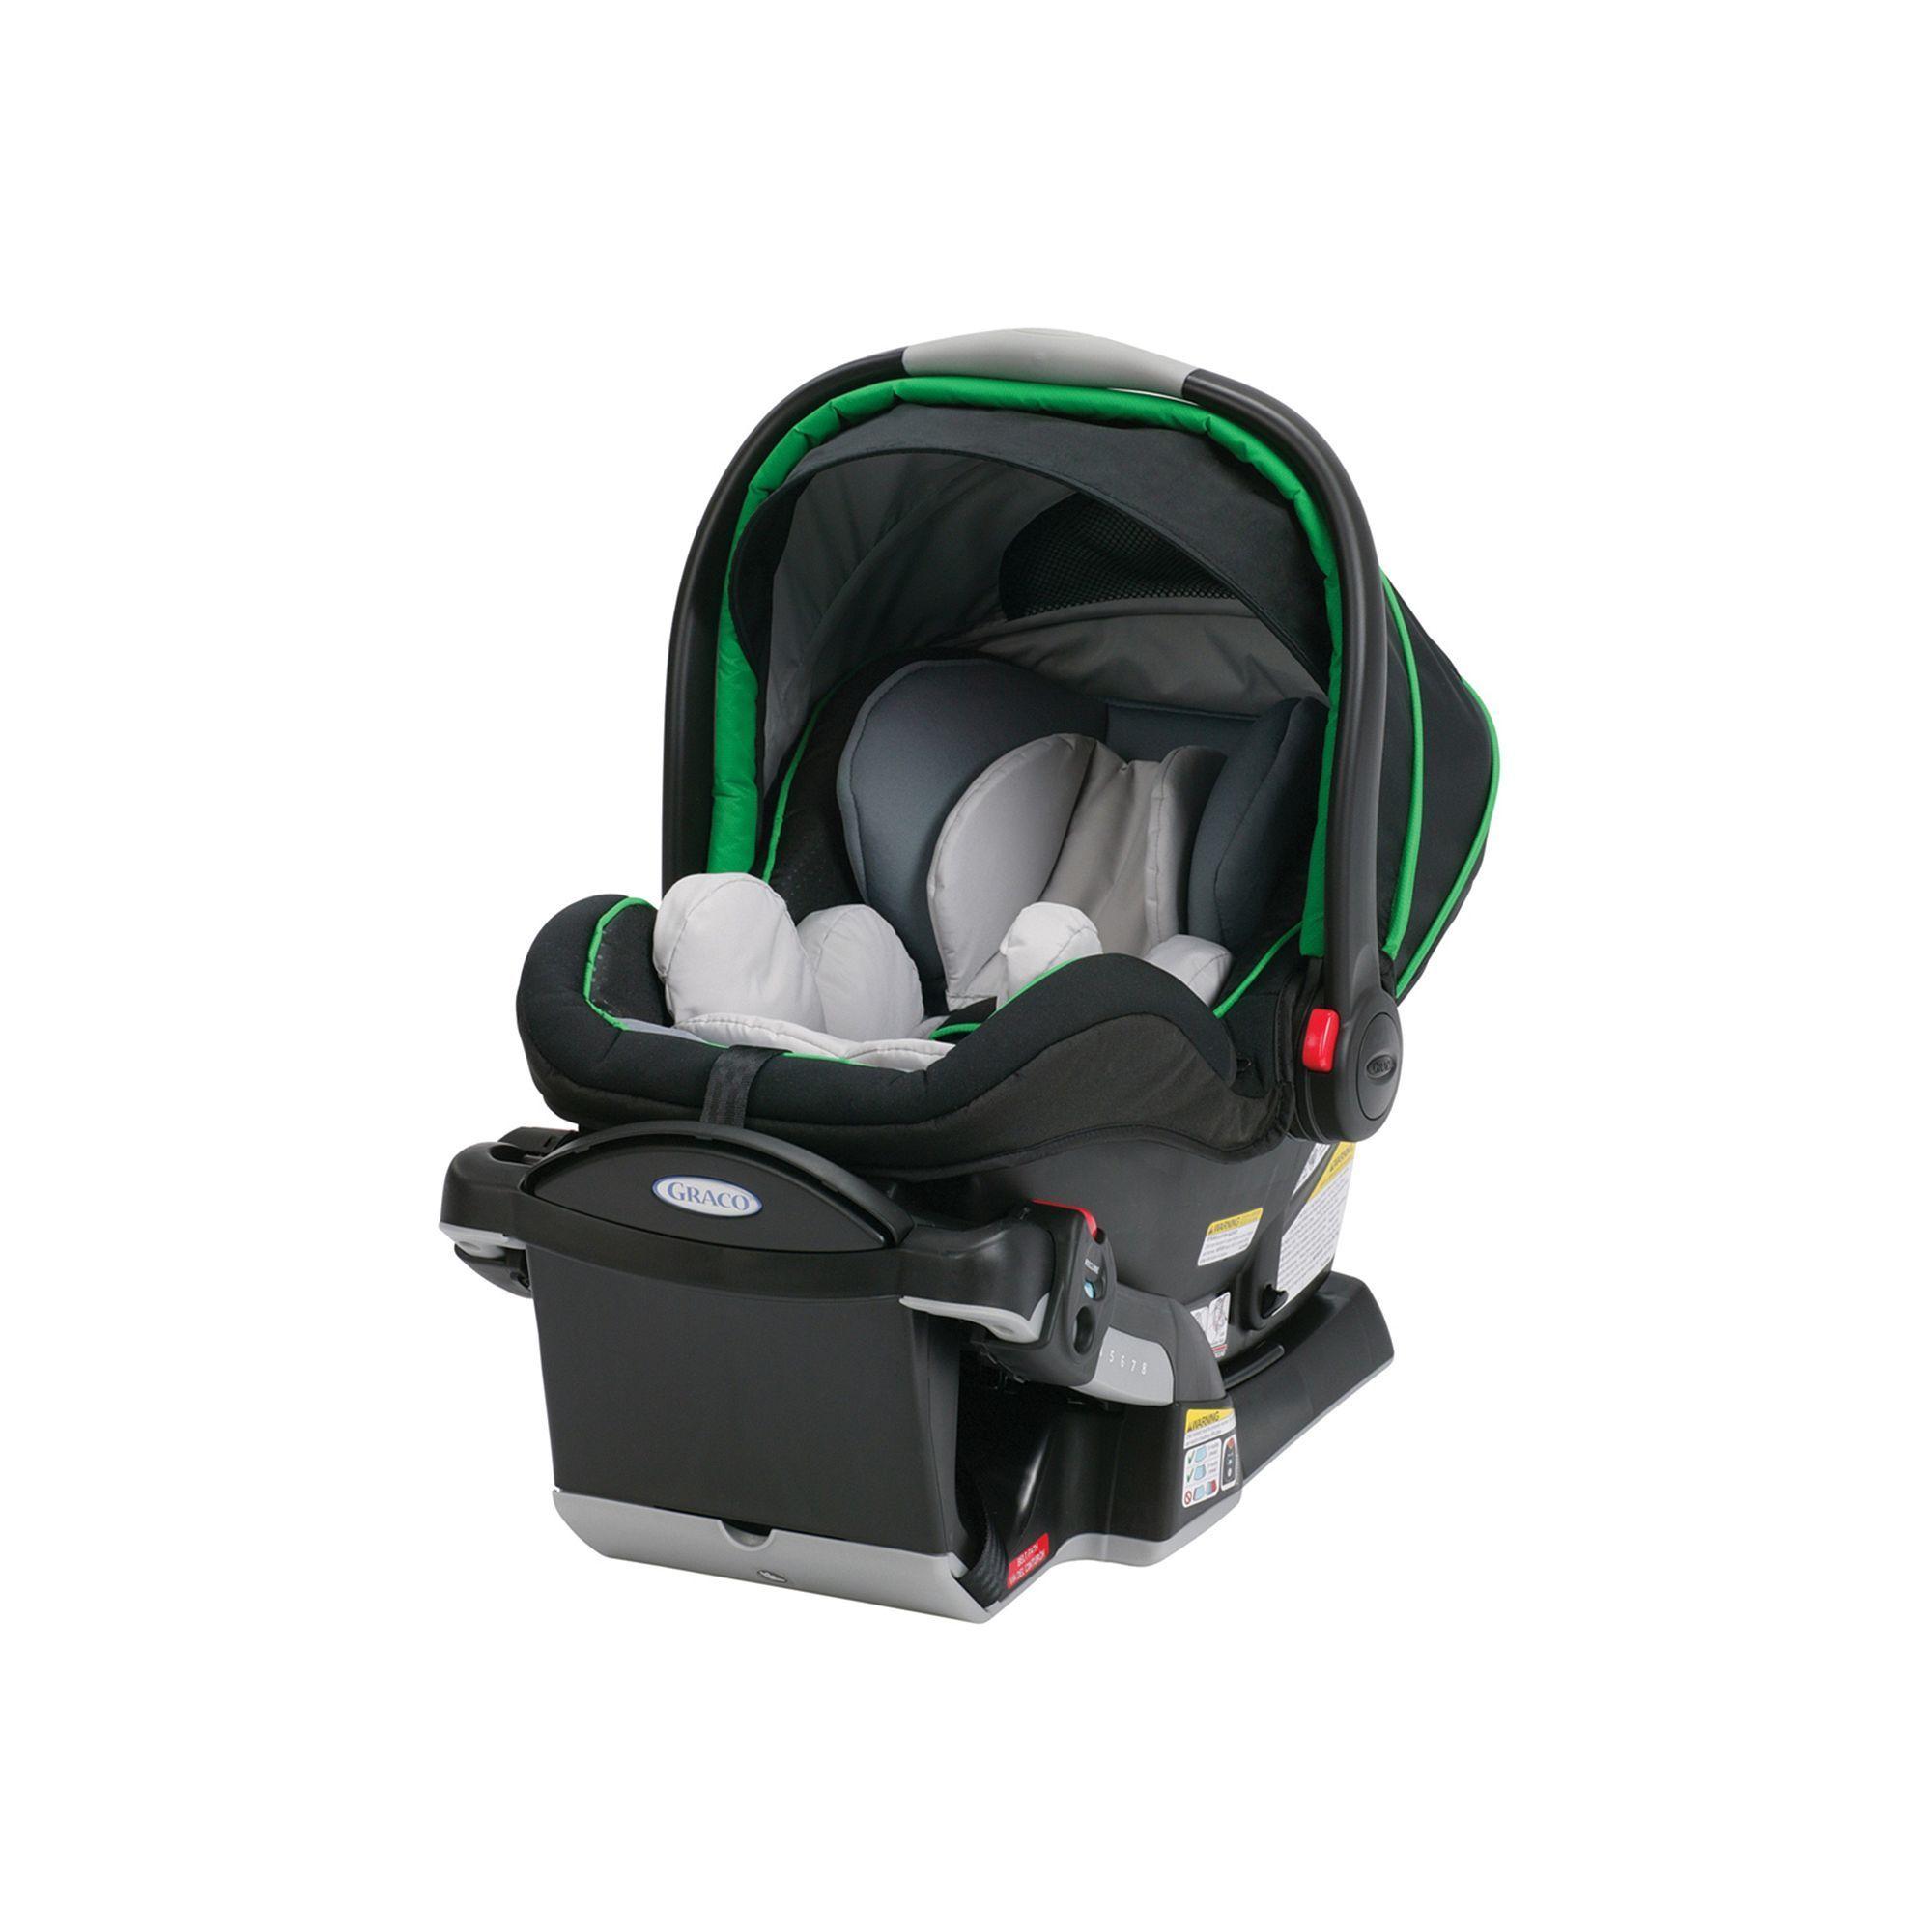 Graco SnugRide Click Connect 40 Infant Car Seat, Green | Car seats ...